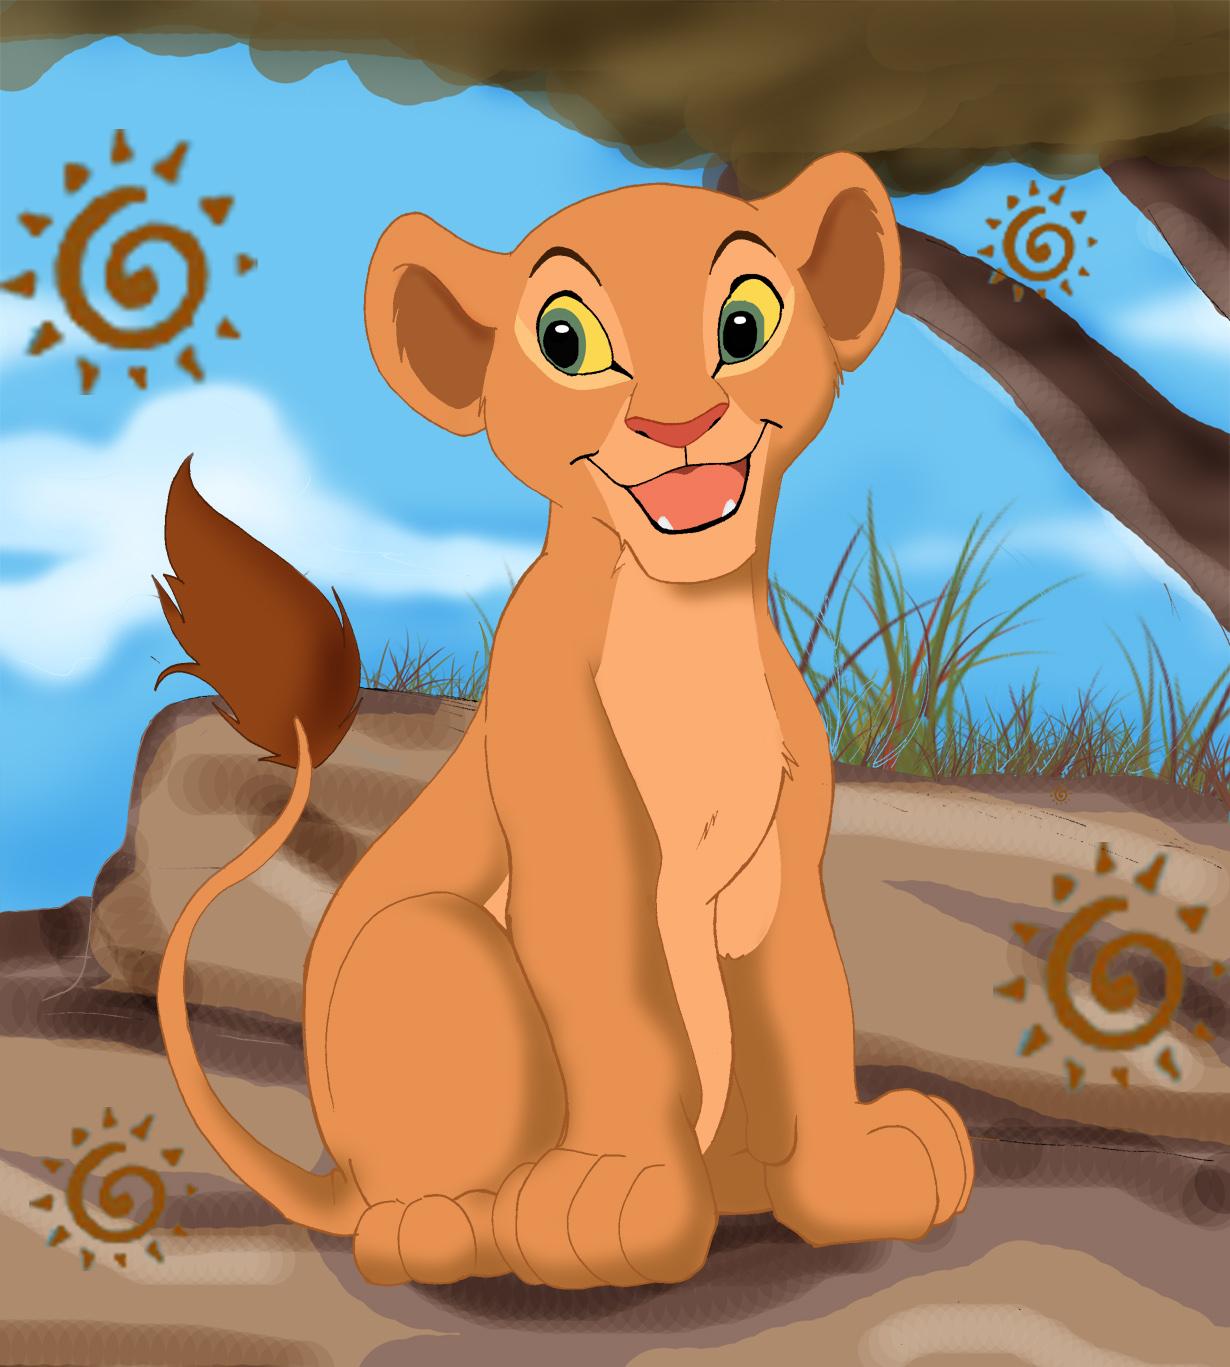 http://2.bp.blogspot.com/_owudQosAsnY/TTCdxdmWMwI/AAAAAAAAADI/EFBRsG2z-lM/s1600/Nala_My_Disney_princess_by_Letucse.jpg